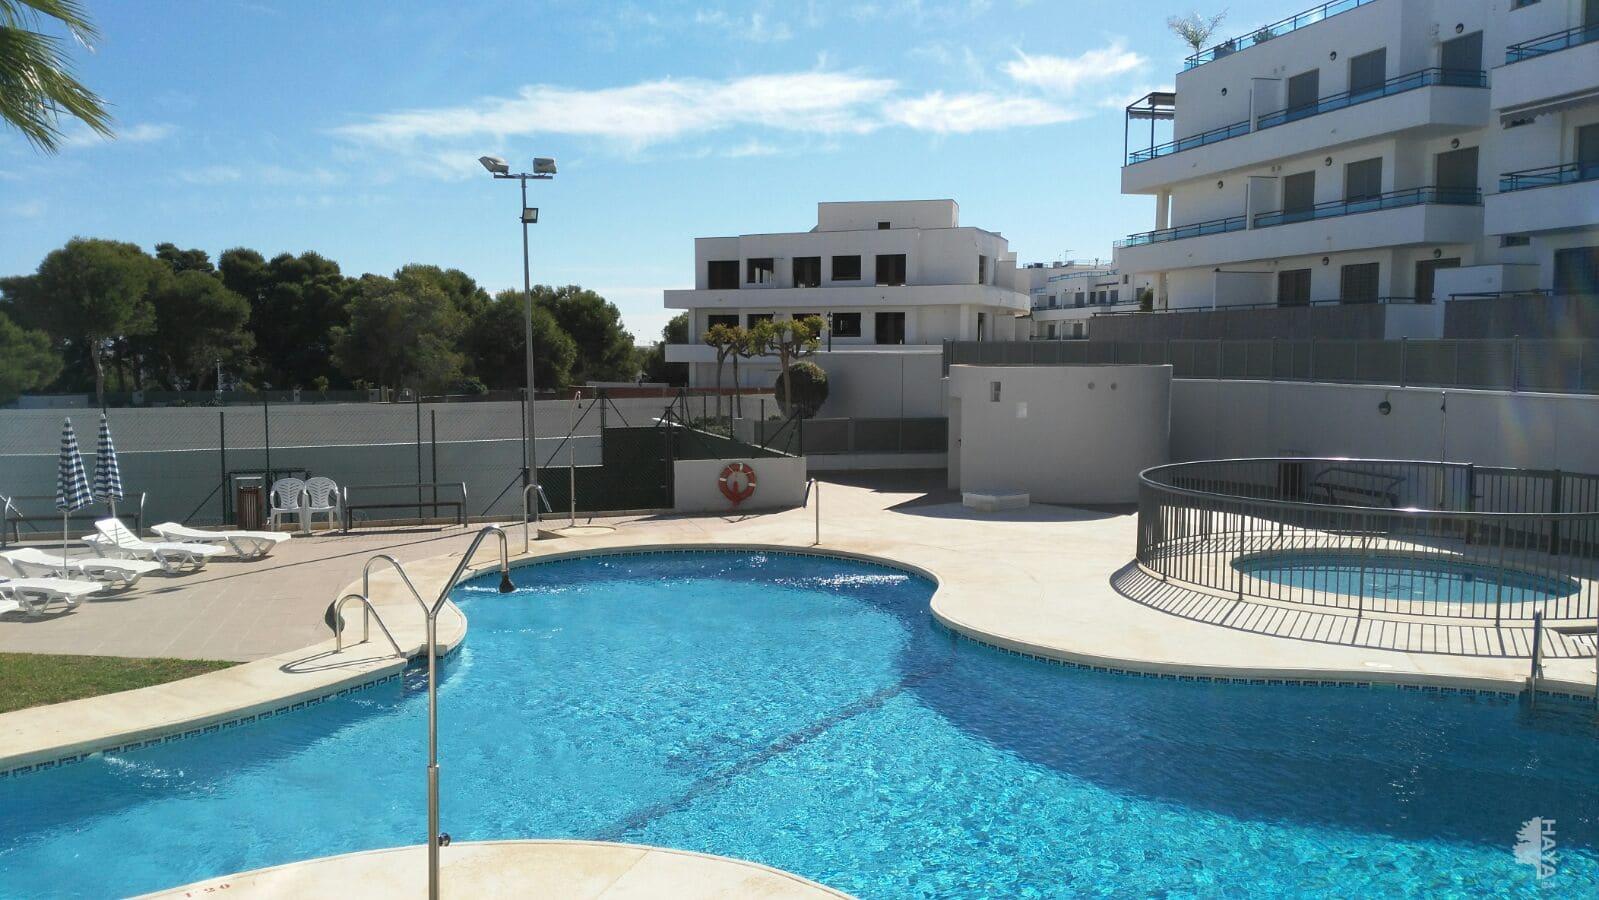 Piso en venta en Garrucha, Garrucha, Almería, Calle Murillo, 96.300 €, 2 habitaciones, 2 baños, 87 m2